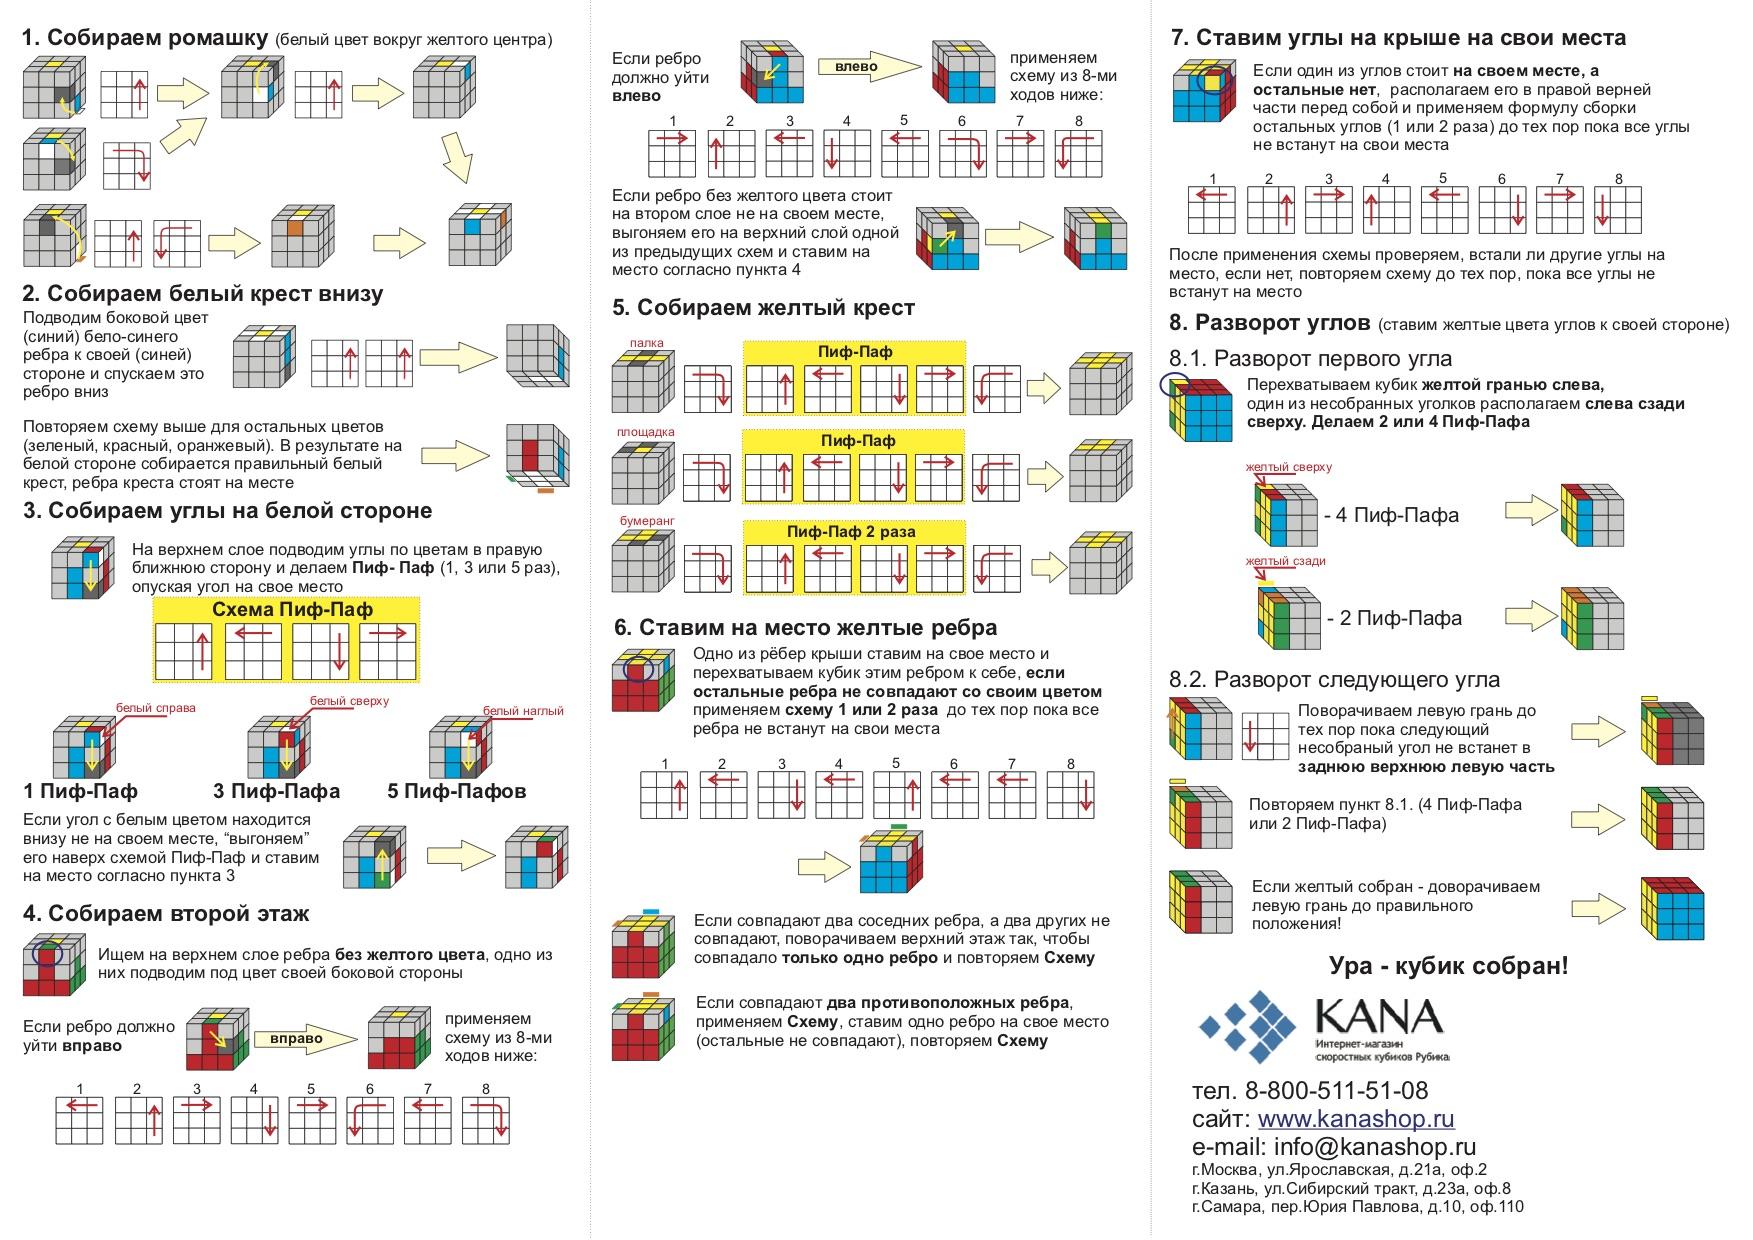 Схема сборки кубика рубика 3x3 фото 943